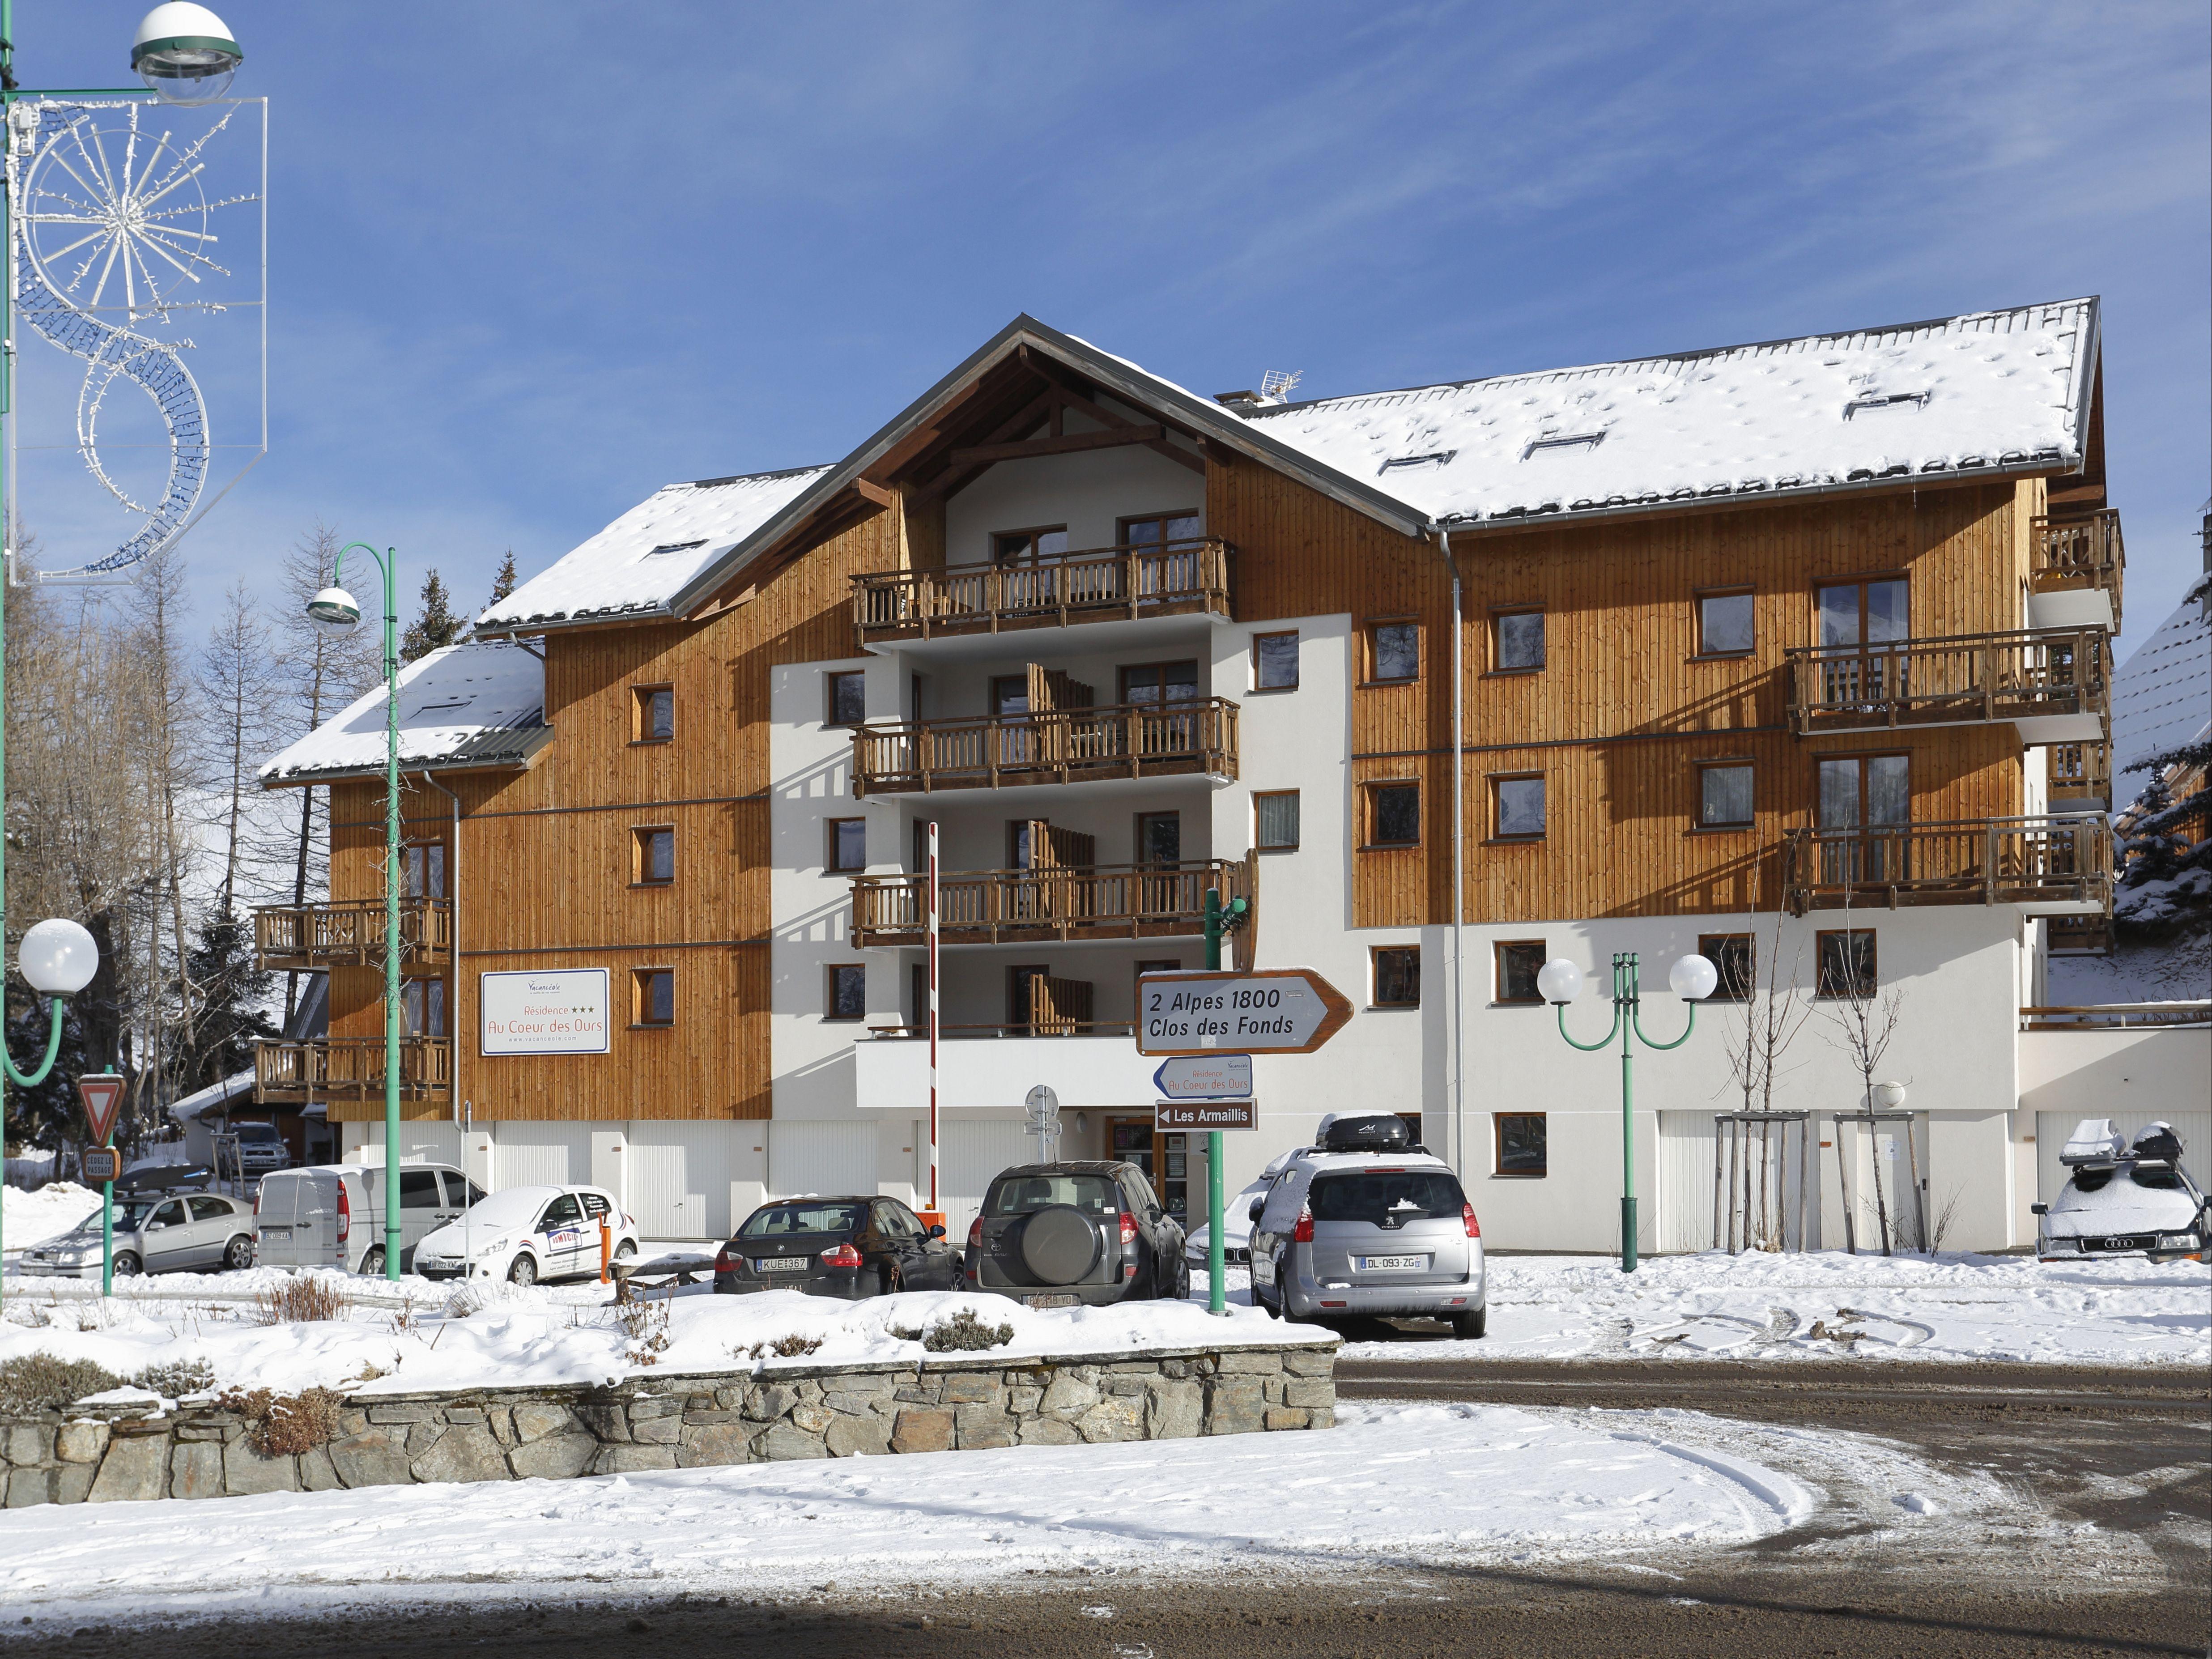 Chalet-appartement Au Coeur des Ours - 6-8 personen